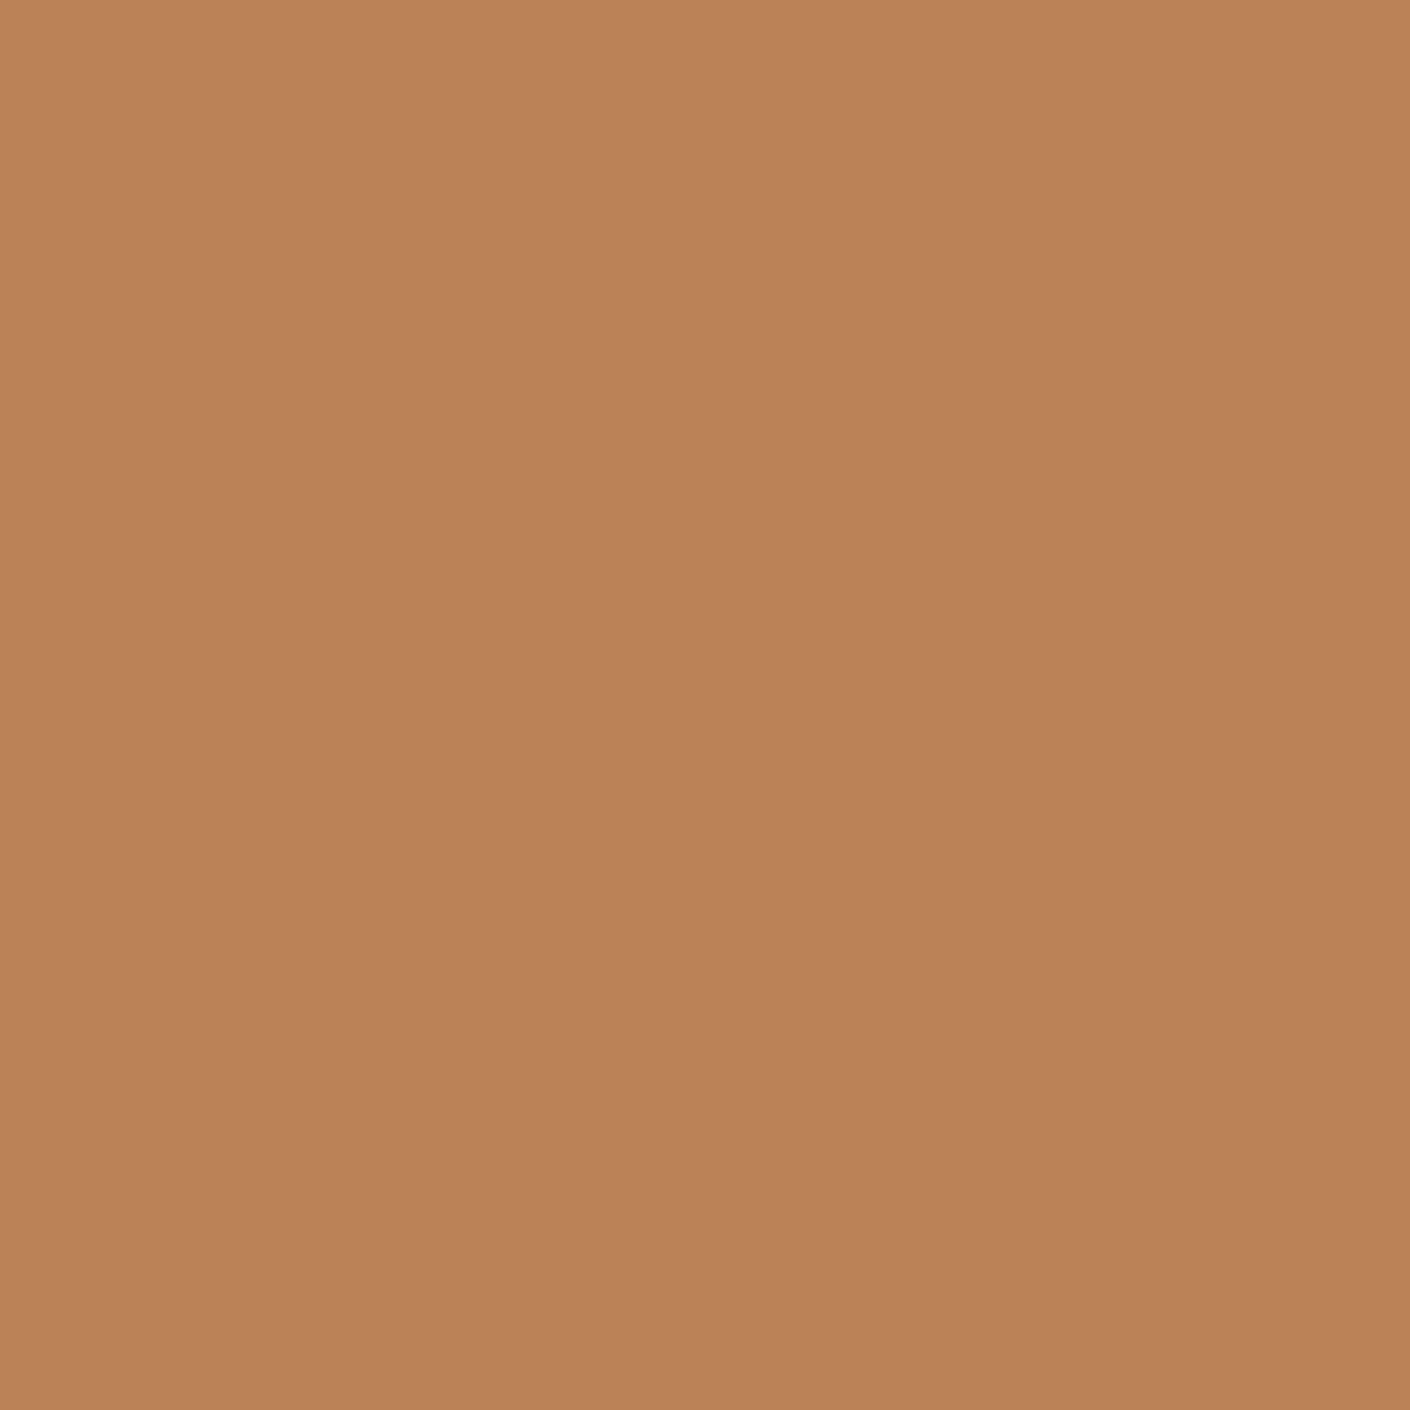 反対組オールSANMIMORE(サンミモレ化粧品) UVパクト 54号ナチュラル (レフィル 替パフ付)